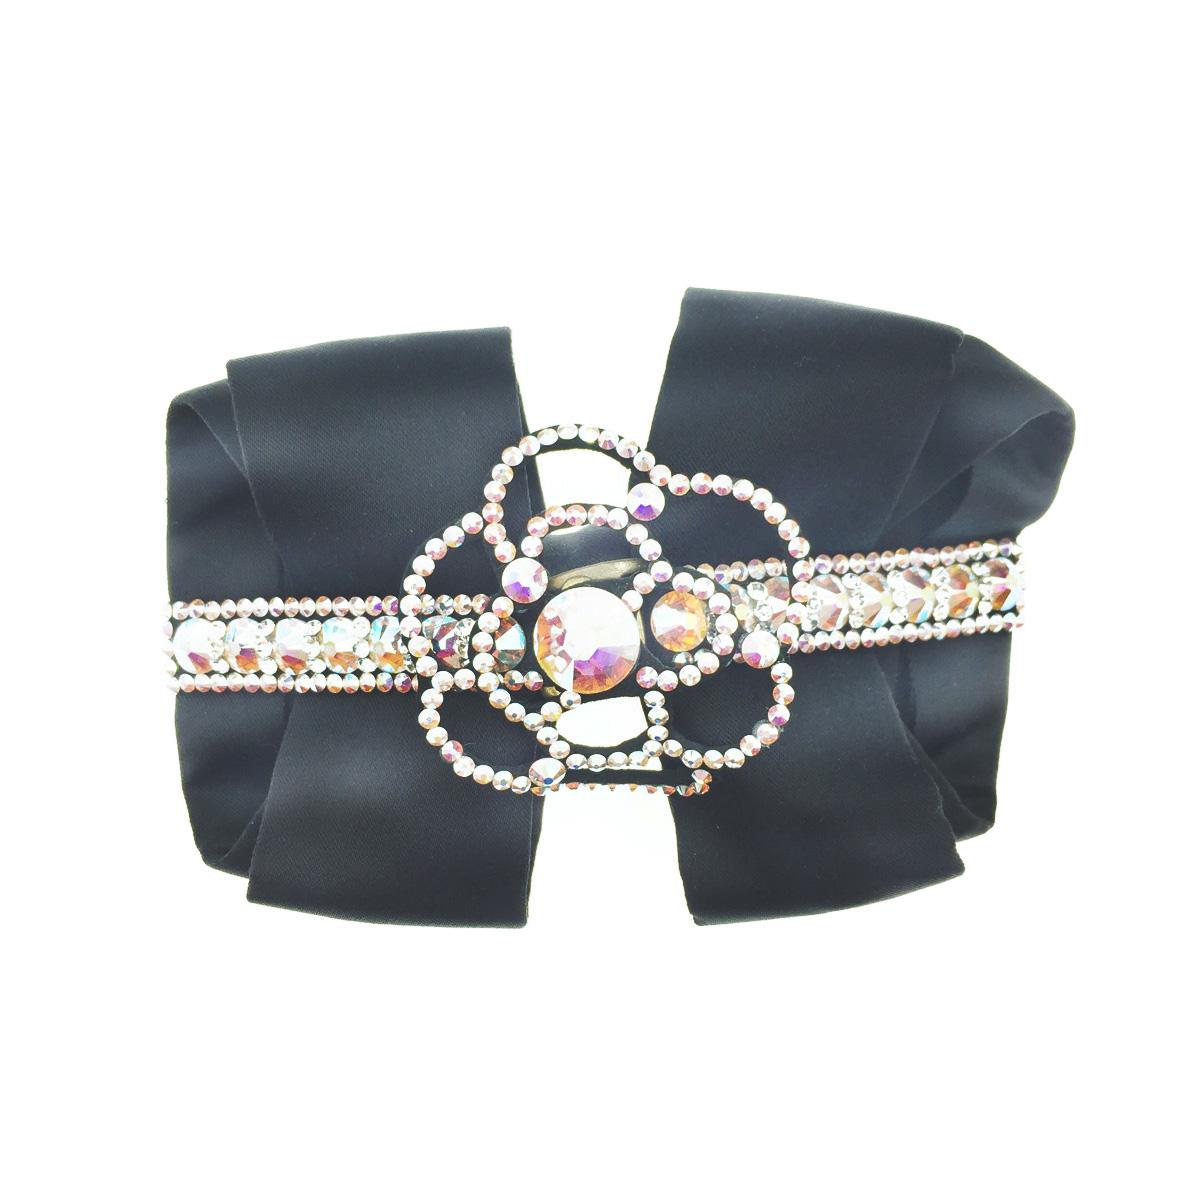 韓國 蝴蝶結 緞面 水鑽 花 髮夾 自動夾 採用施華洛世奇水晶元素 Crystals from Swarovski